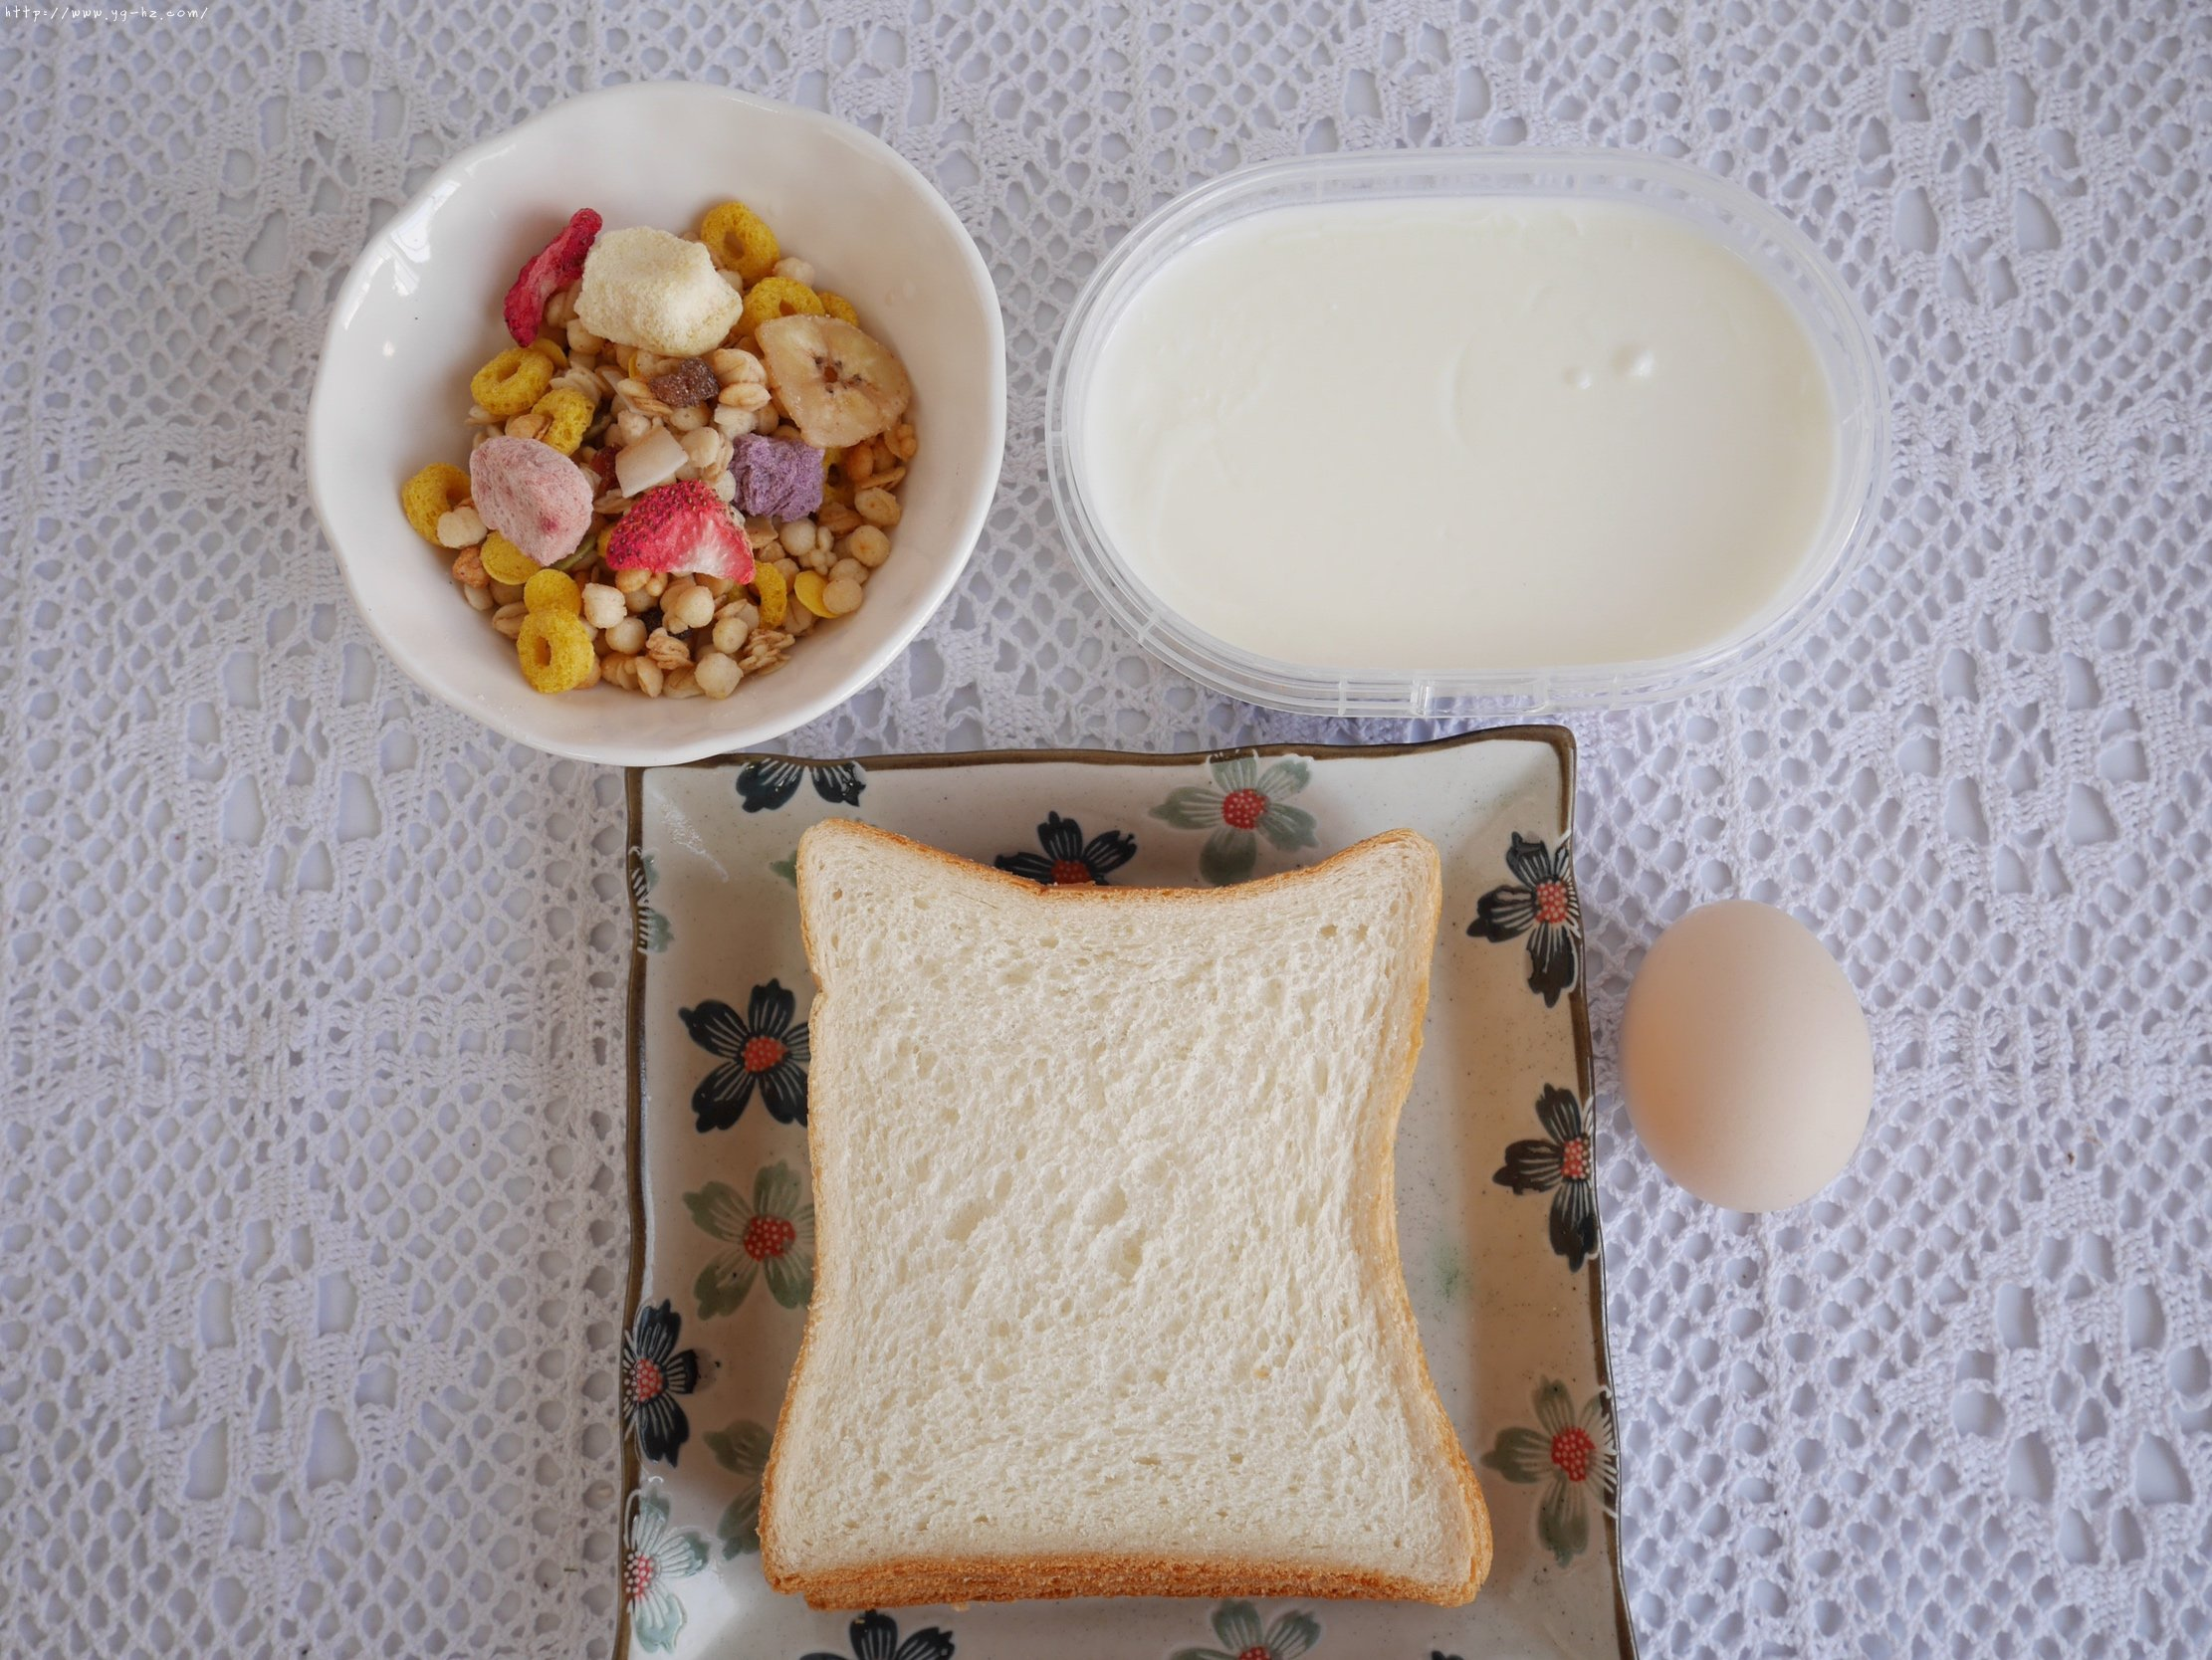 5分钟快手早餐酸奶吐司卷低脂不胖的做法 步骤1